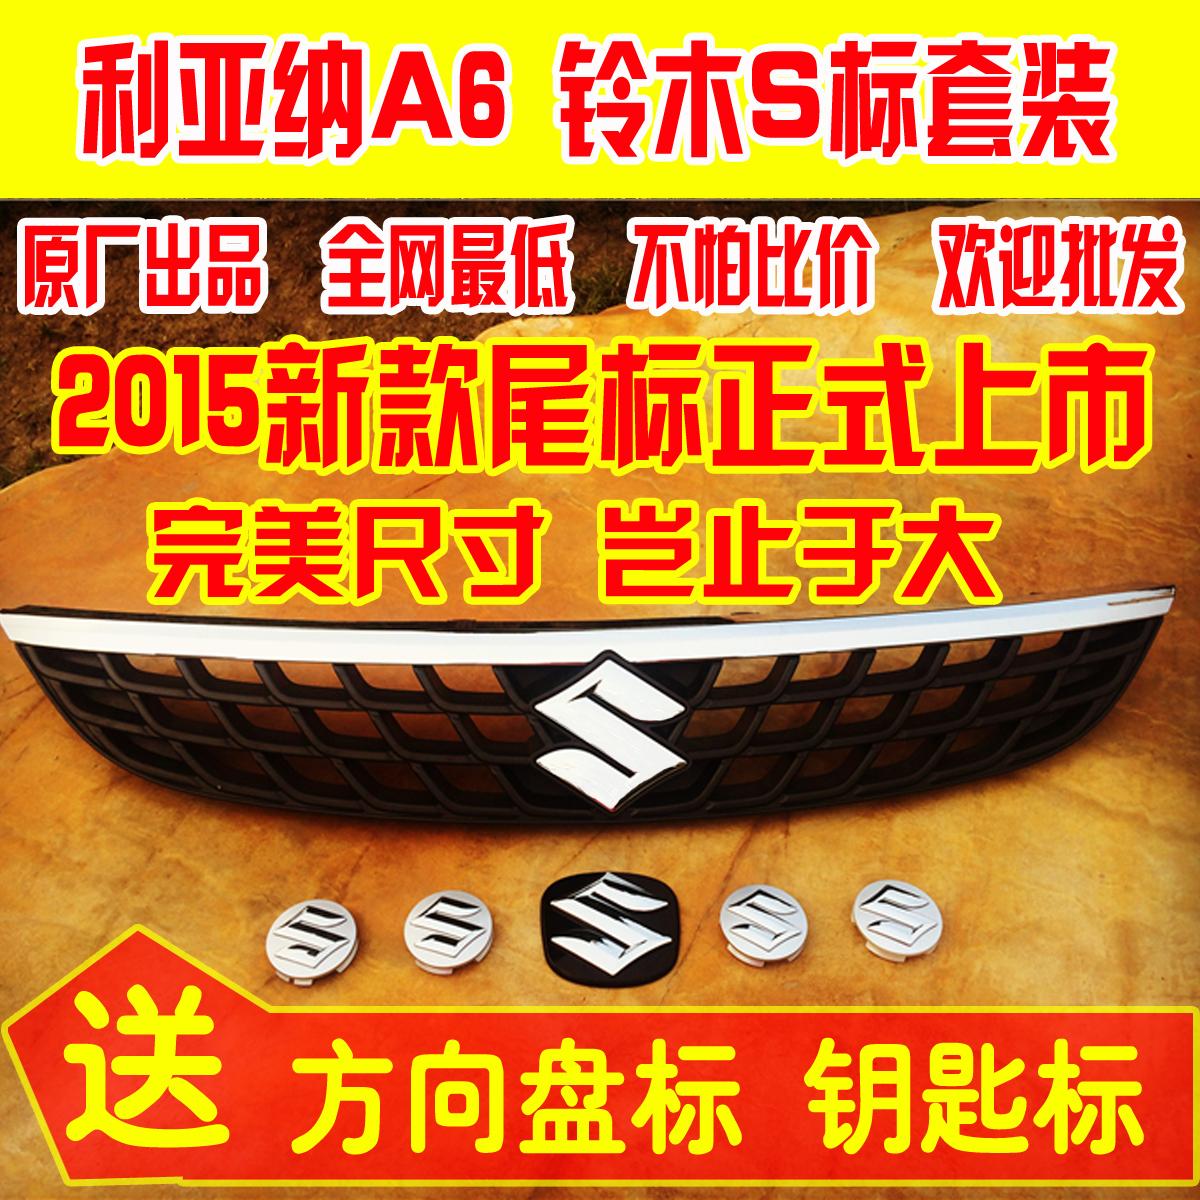 Решетка радиатора Changhe  A6 A6